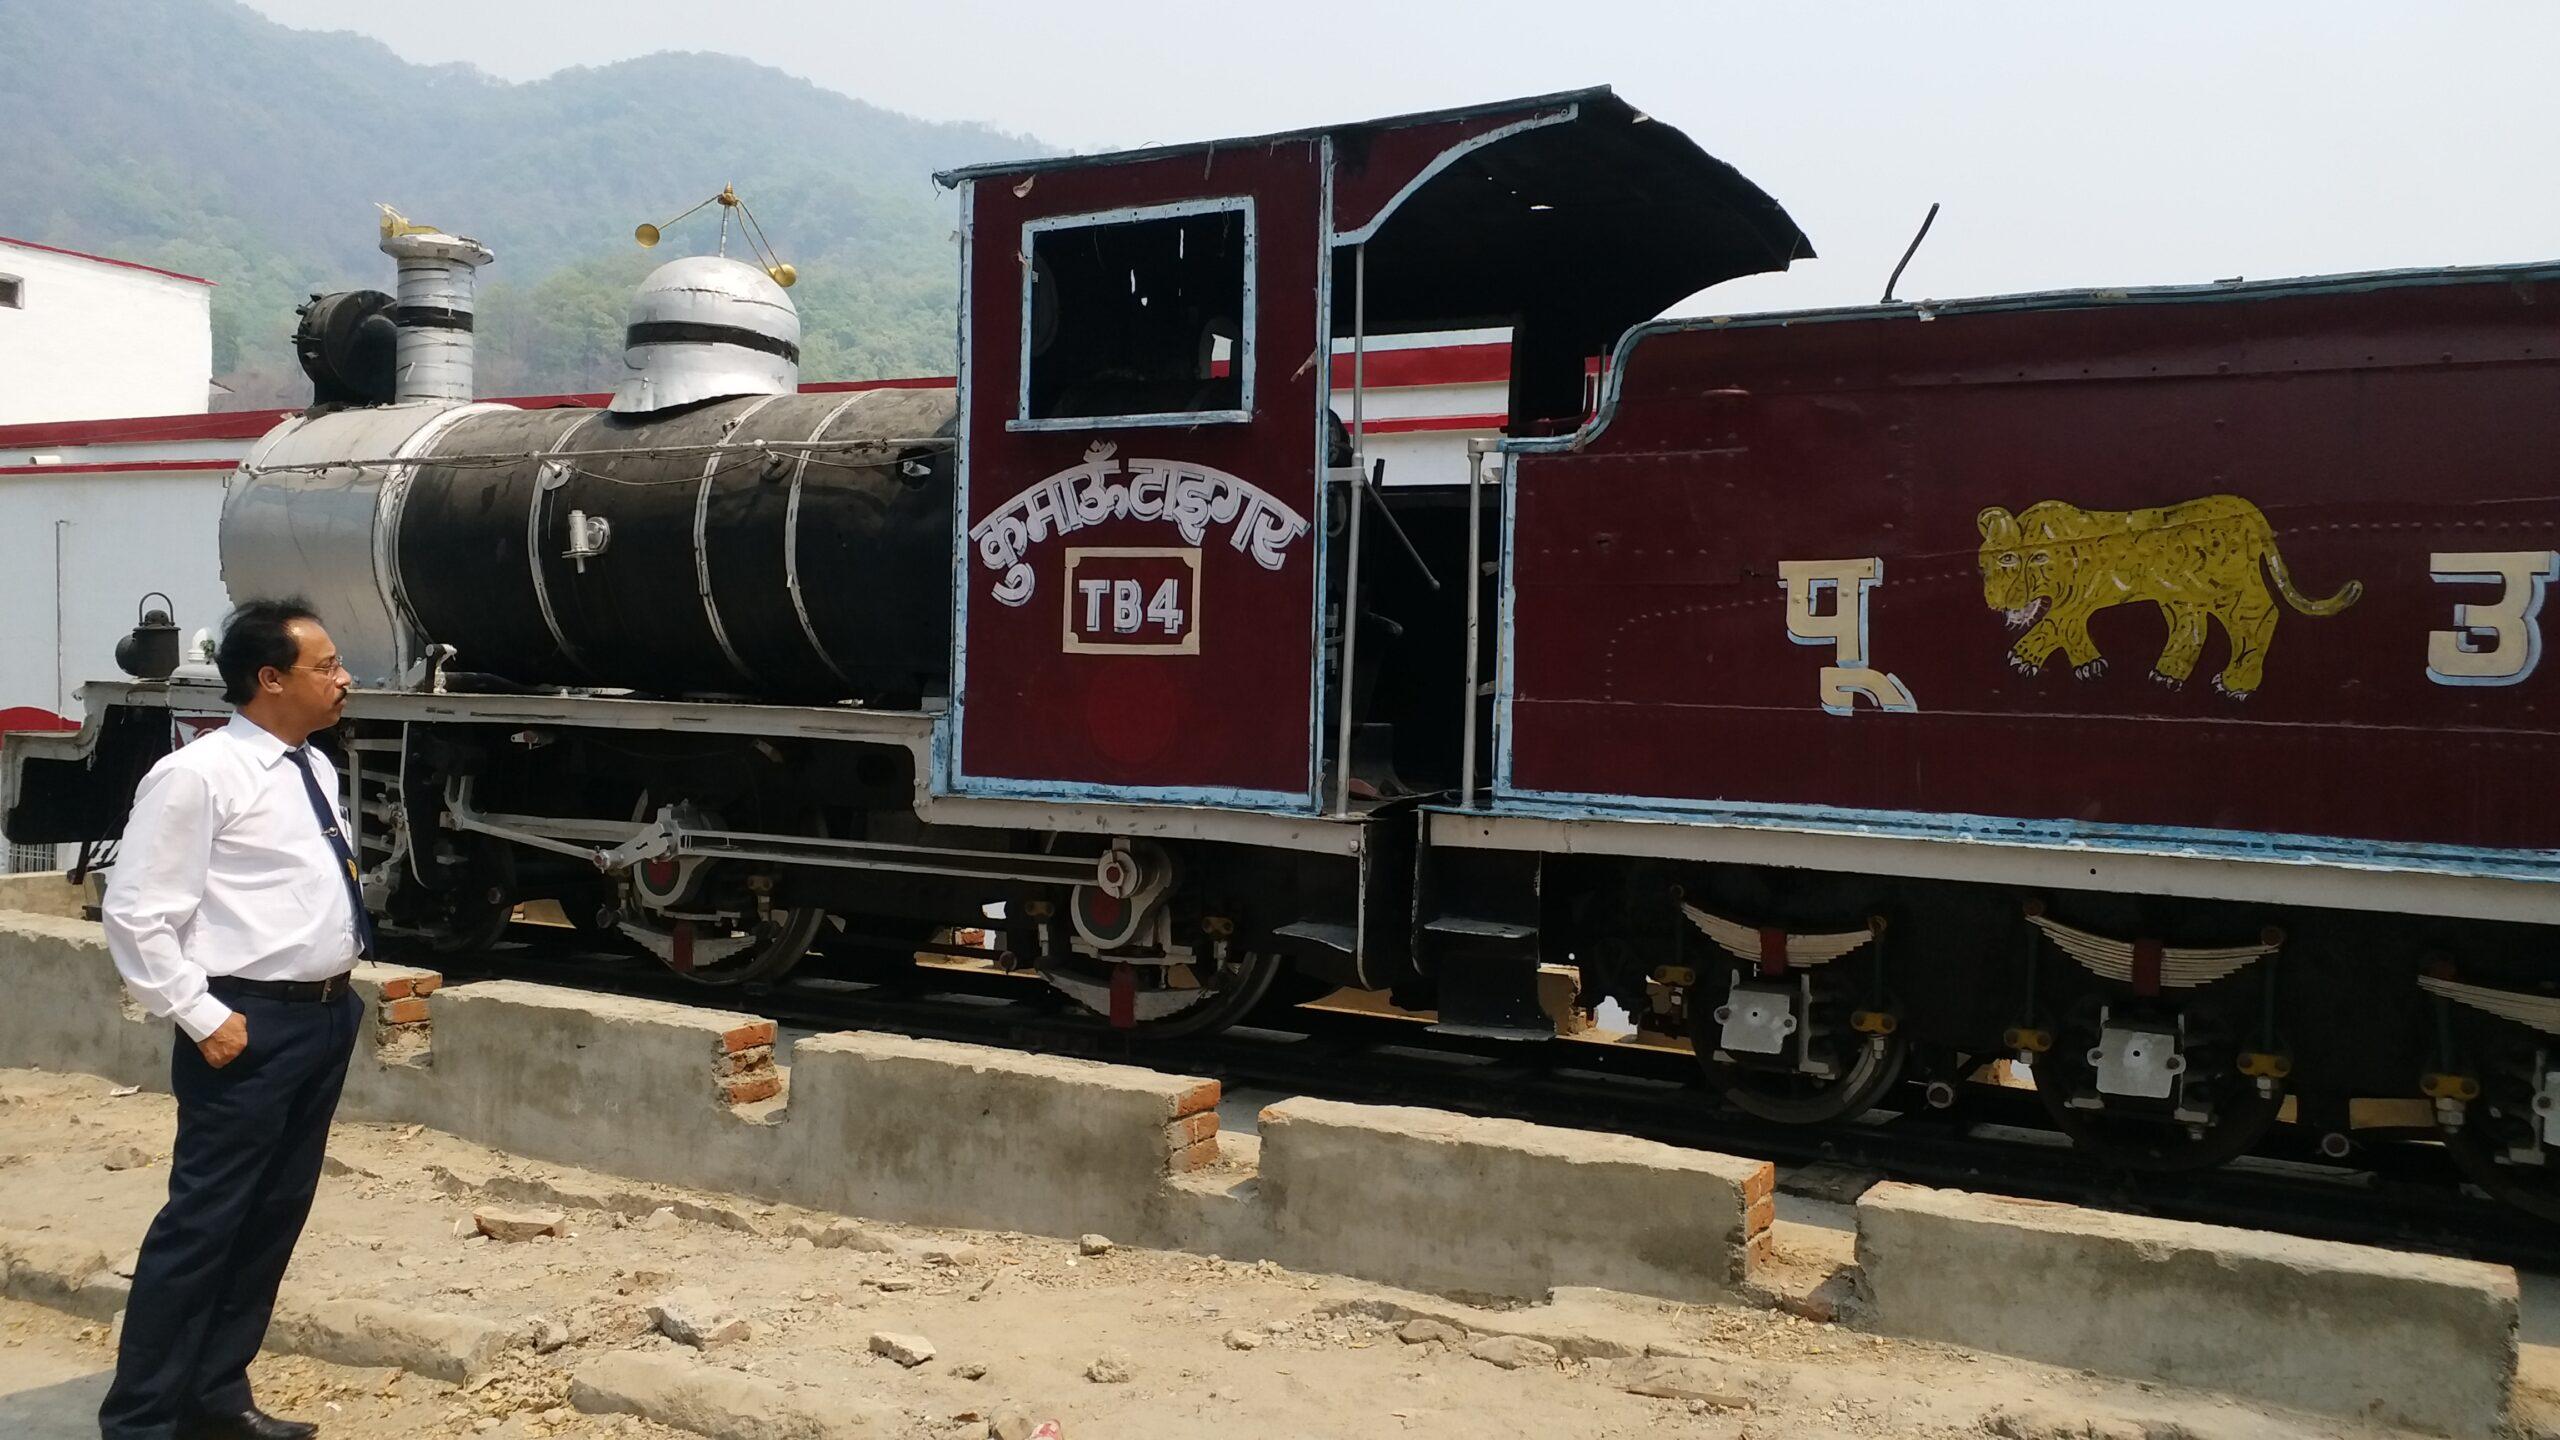 उत्तराखंड : ब्रिटिश युग की ट्रेन भाप इंजन 'कुमाऊं टाइगर' बना धरोहर, काठगोदाम स्टेशन की बढ़ाएगा शान